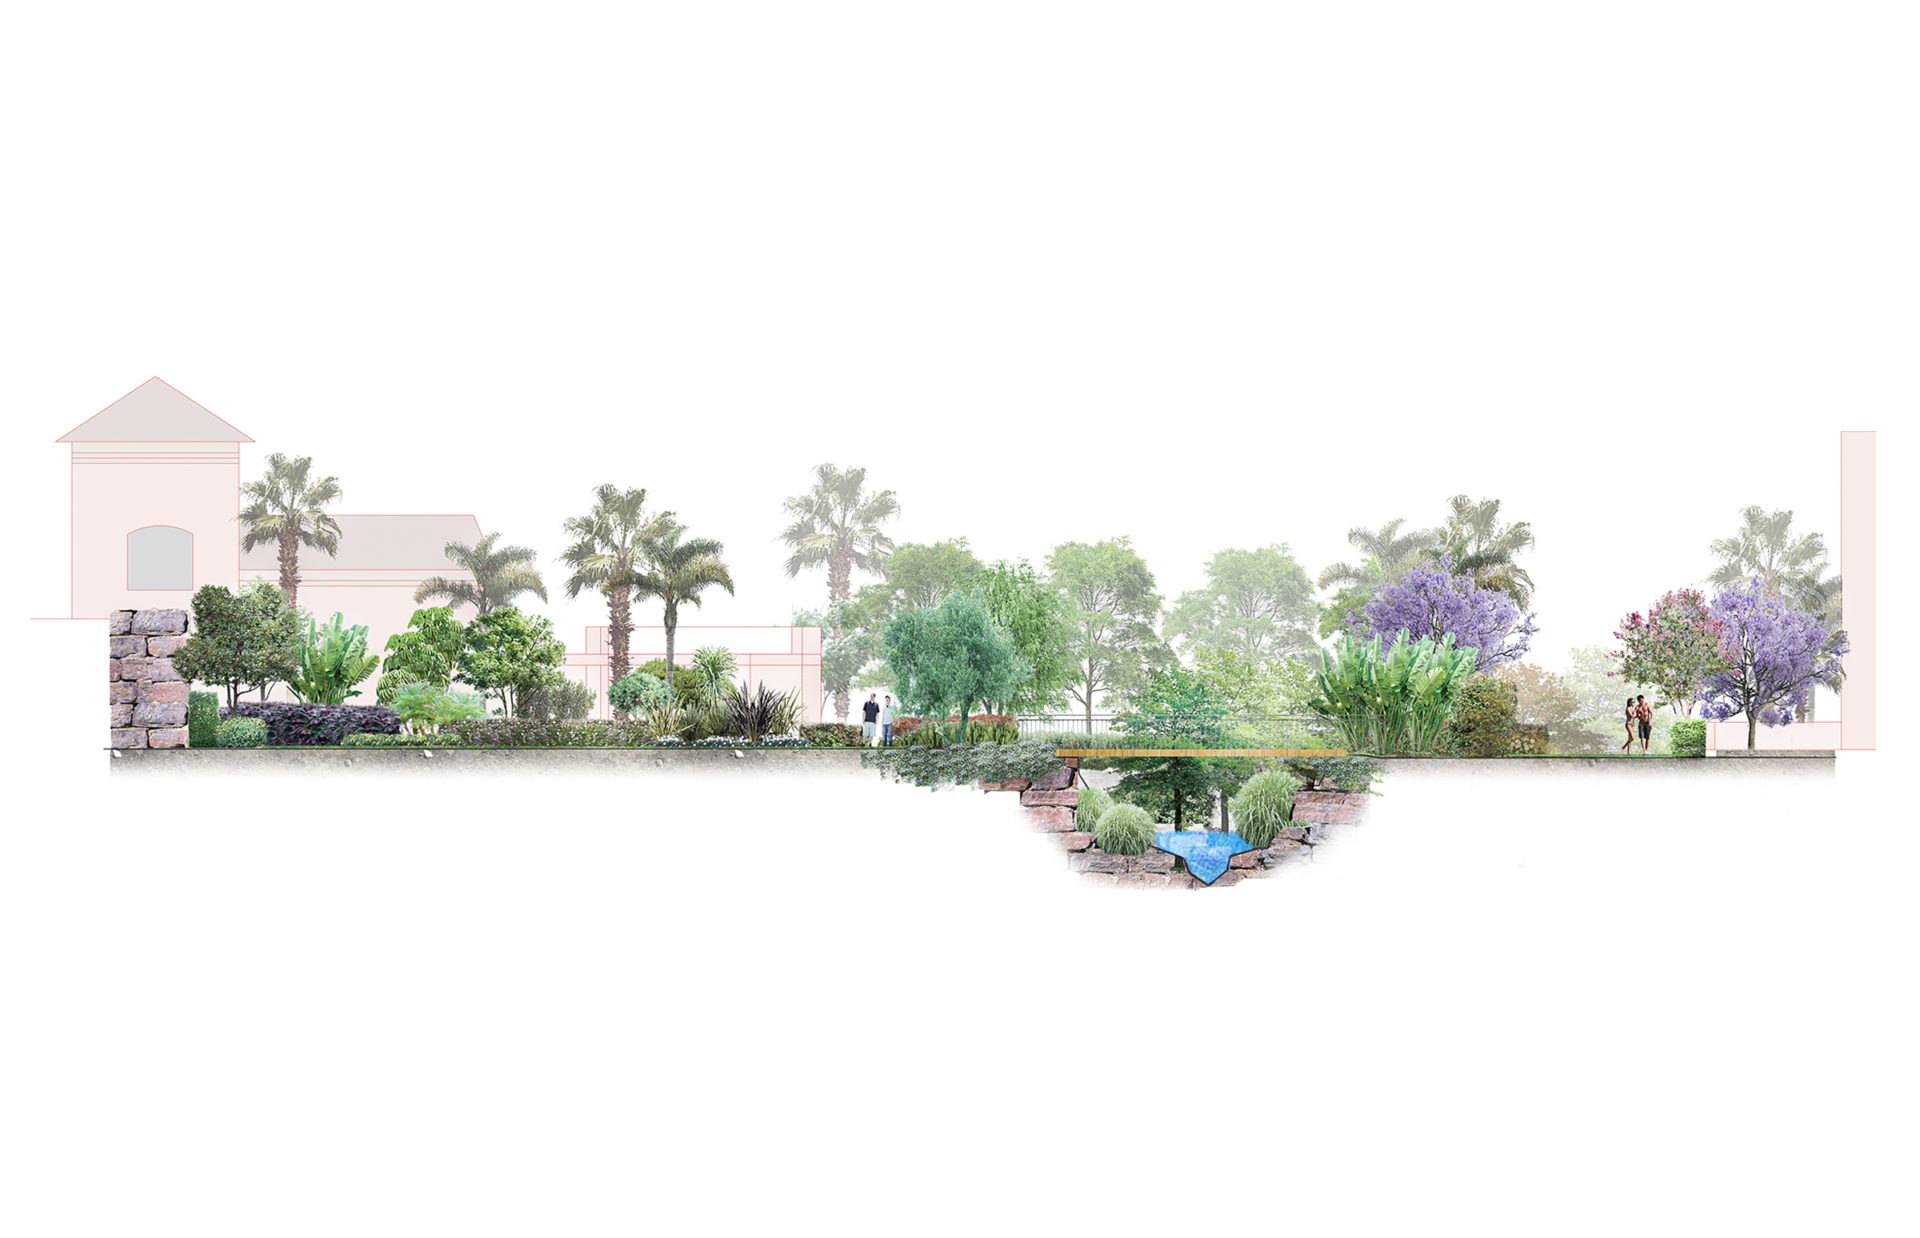 Sección de Propuesta de jardín para Casa de Ventas Paraíso, San Pedro